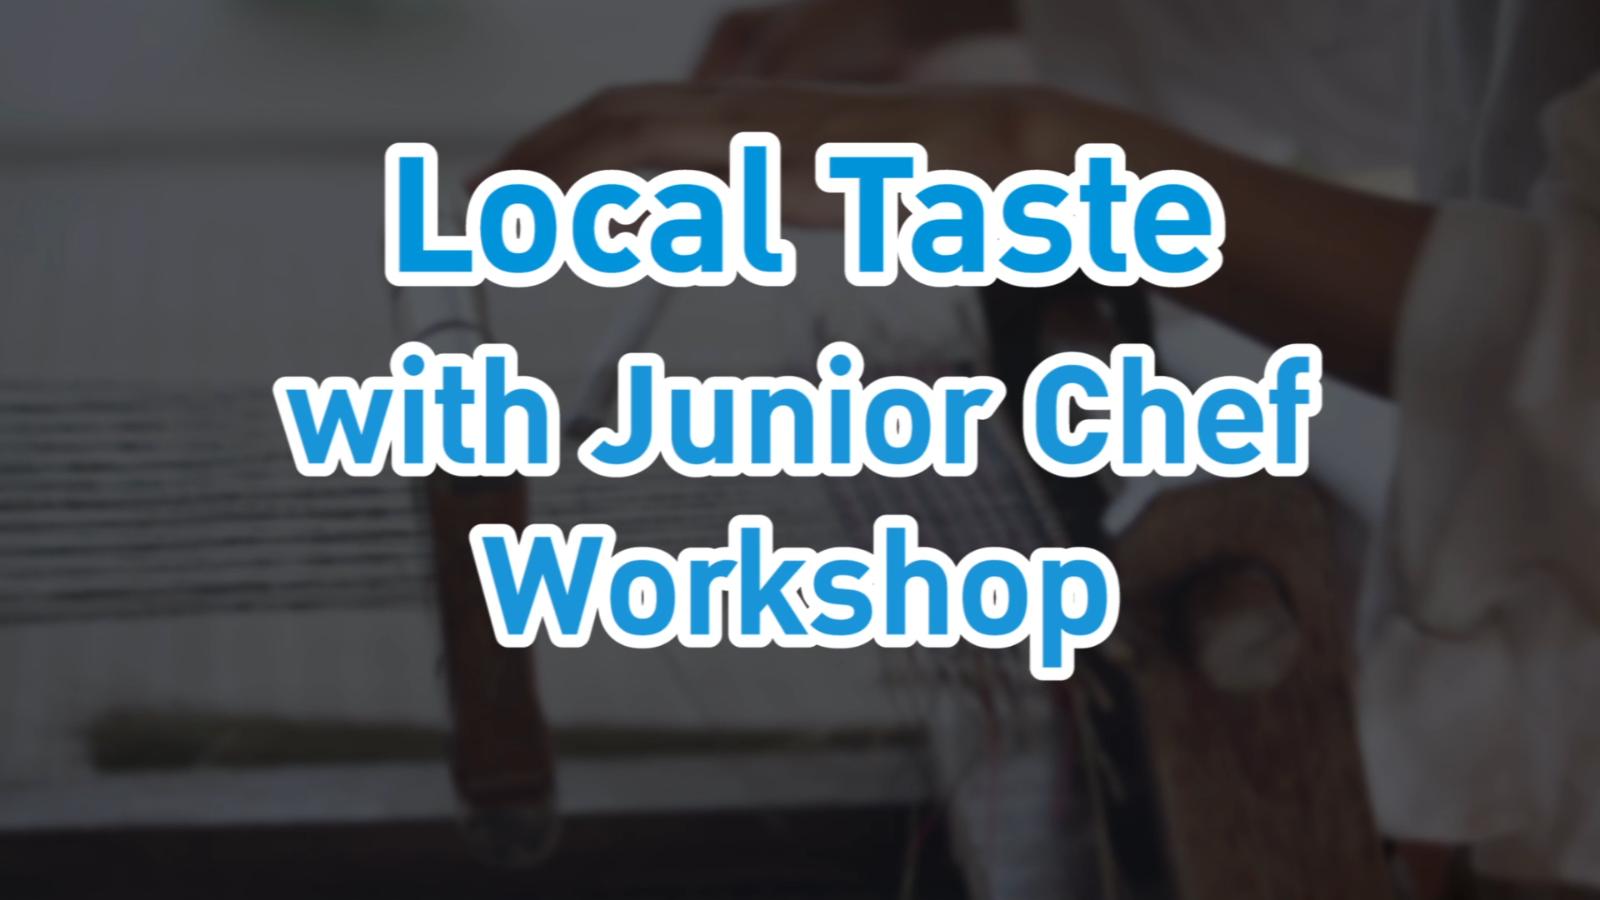 แม่บ้าน ร่วมกับ ททท. ซอสพริกศรีราชาพานิช และ ซอสภูเขาทอง จัดกิจกรรม Local Taste with Junior Chef Cooking Workshop กับน้องอชิและน้องพีช ดีกรี Master Chef Junior Thailand สำนักพิมพ์แม่บ้าน